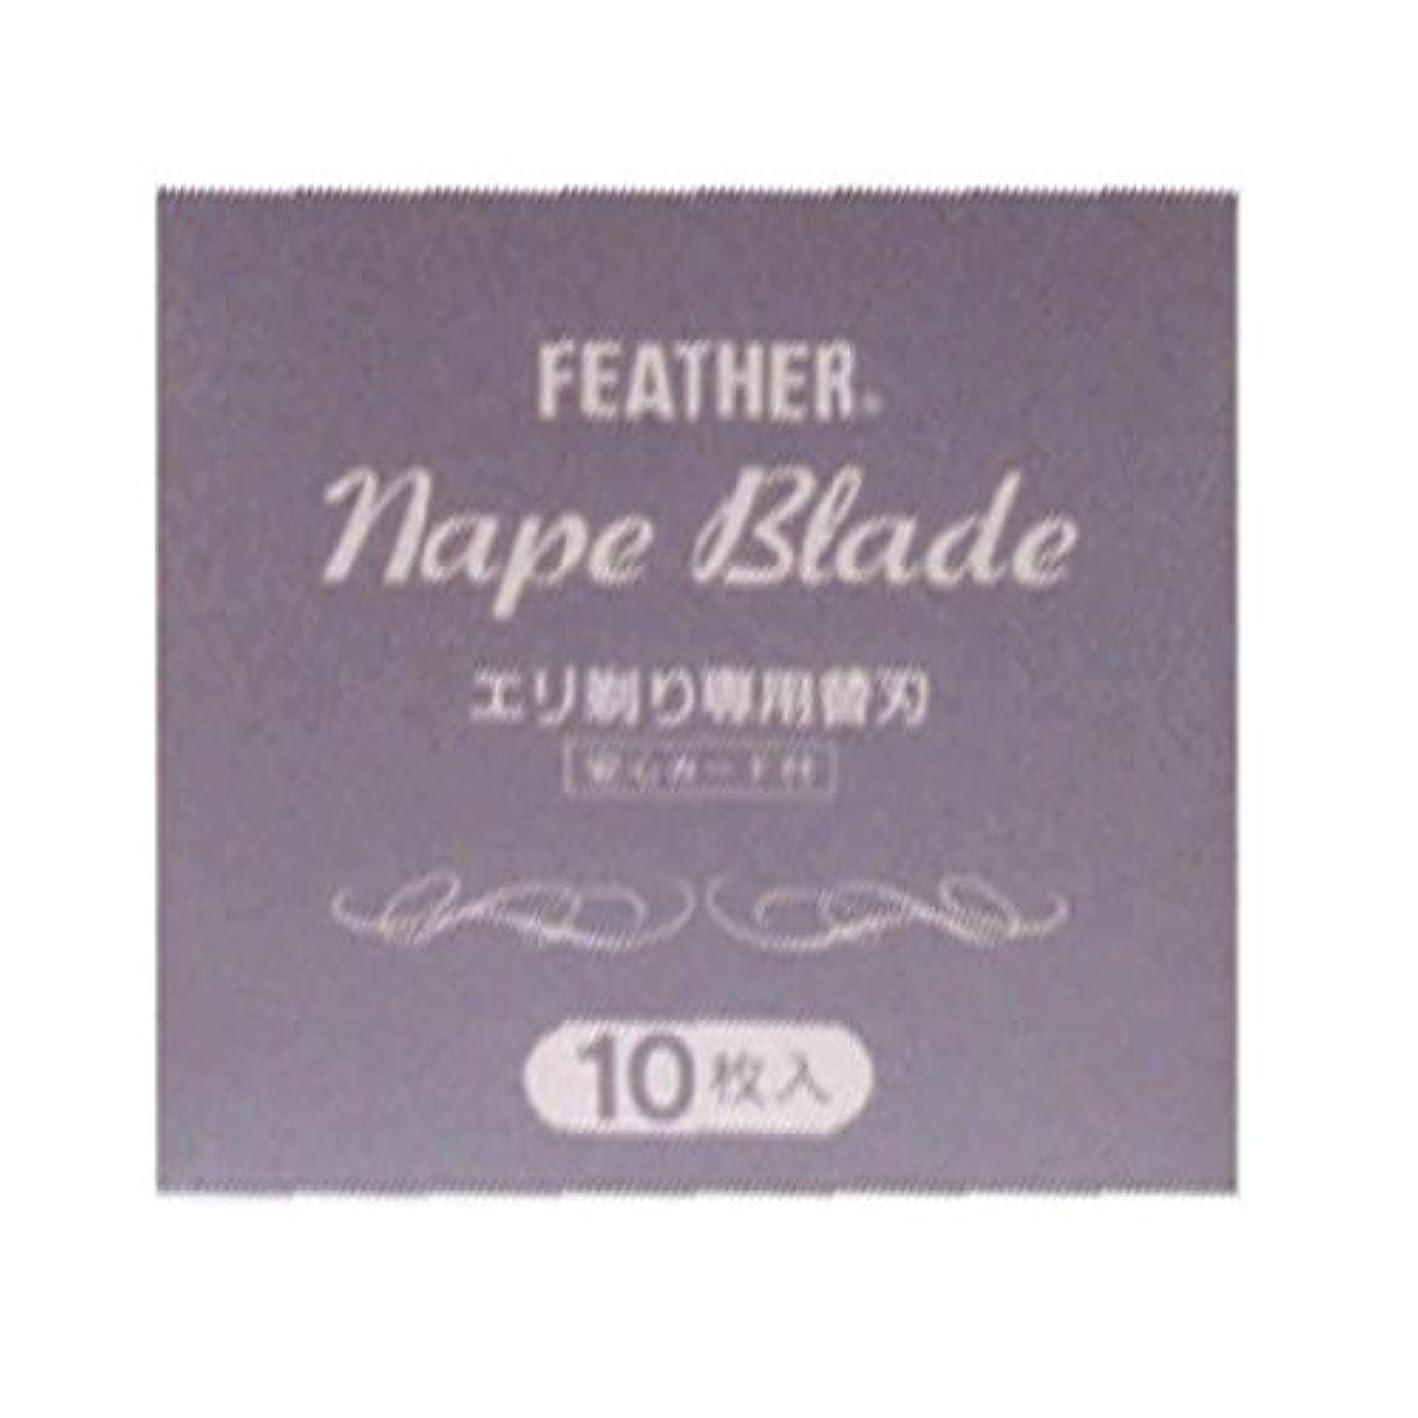 株式教師の日闘争フェザー ネープブレイドエリ剃り専用替刃 10枚入